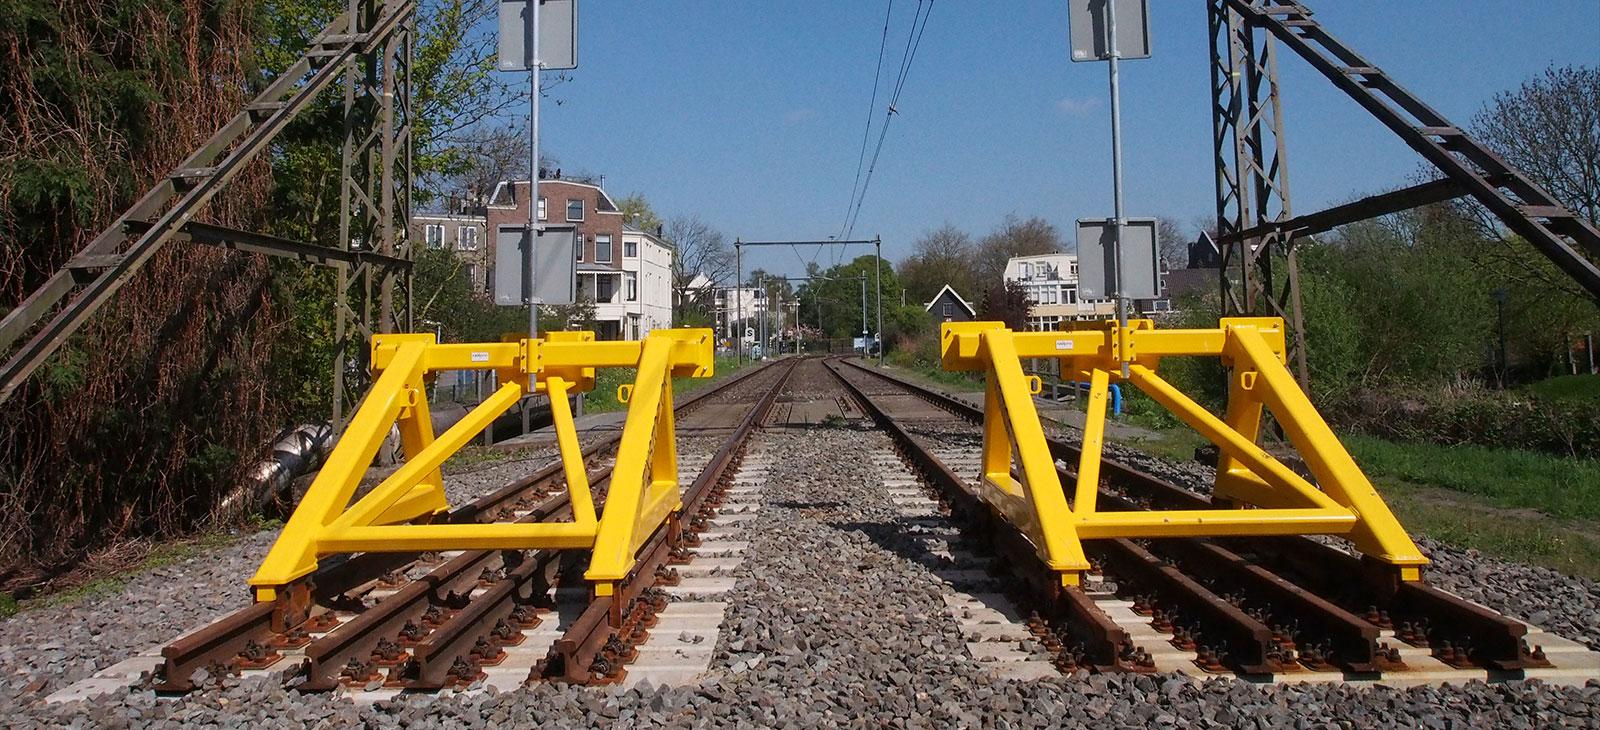 De afgesloten Oosterspoorbaan in Utrecht. Foto: Arjan den Boer